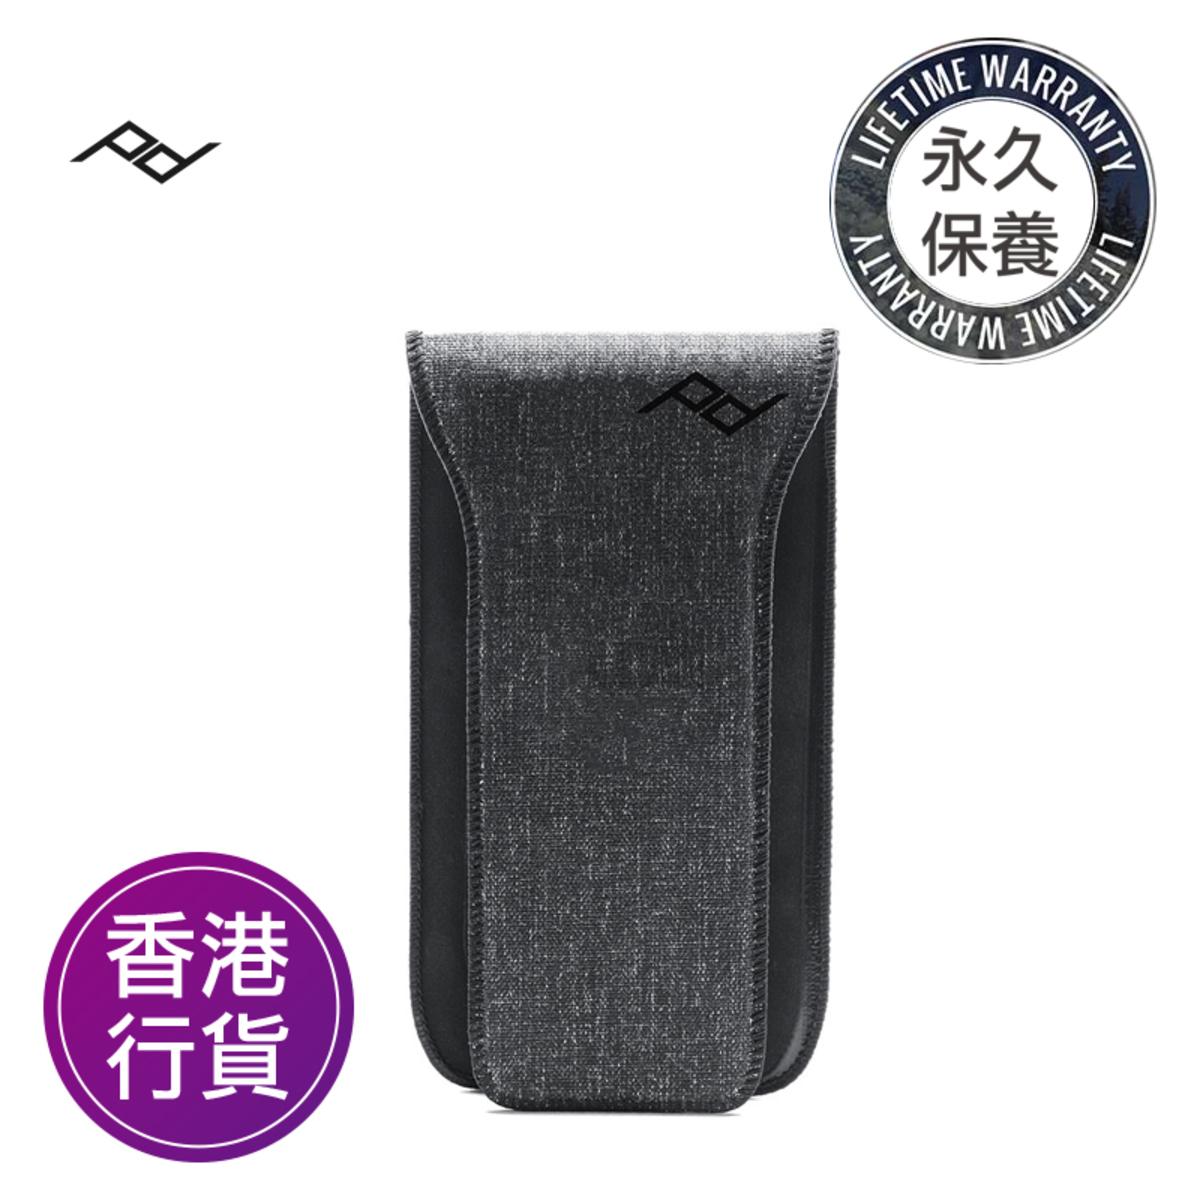 ProPad V3 快夾多功能護板